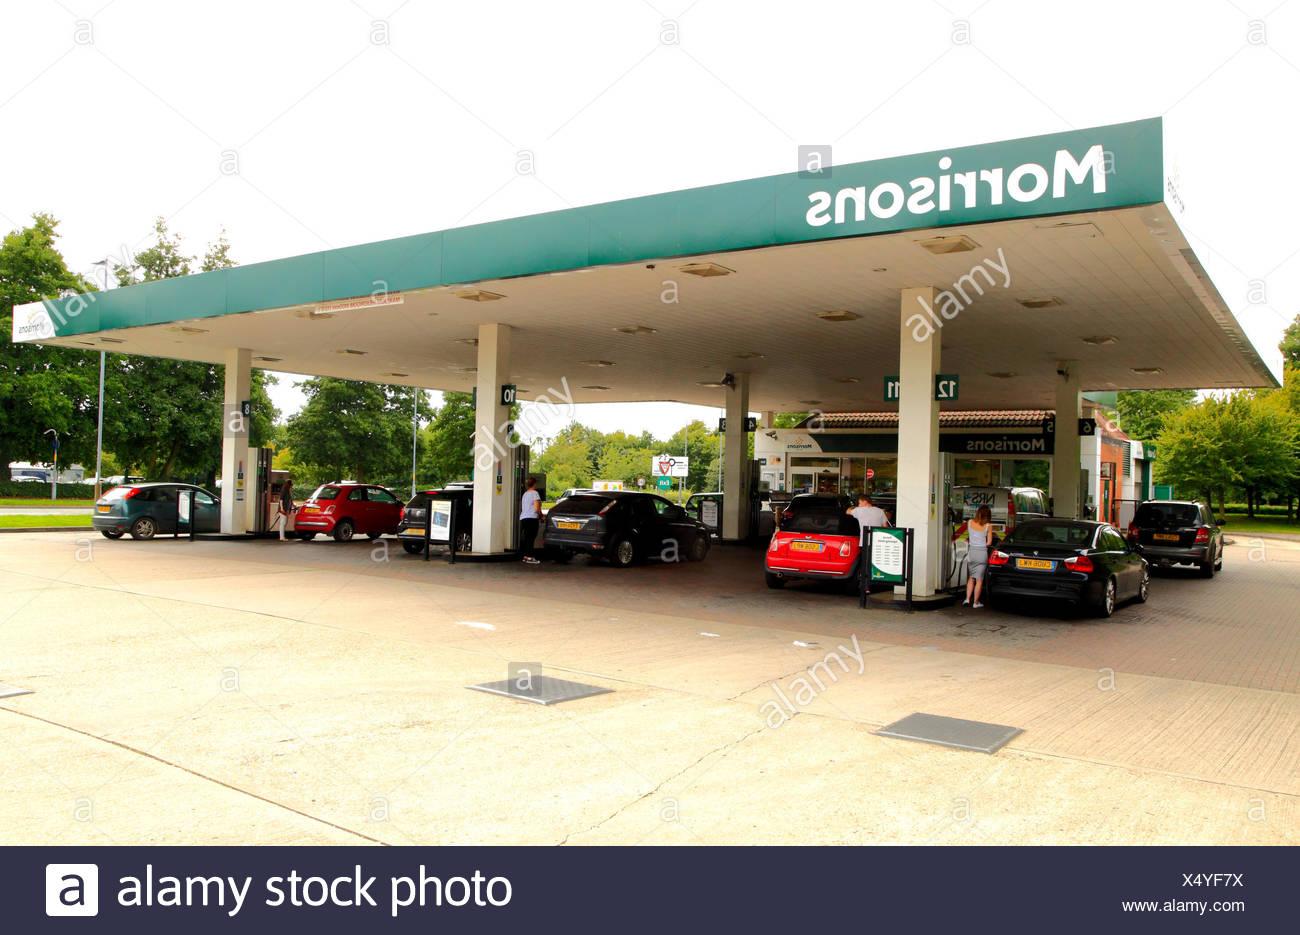 Morrisons, Benzin, Diesel, Tankstelle, Supermarkt, Fakenham, Norfolk, England, Großbritannien Stockbild